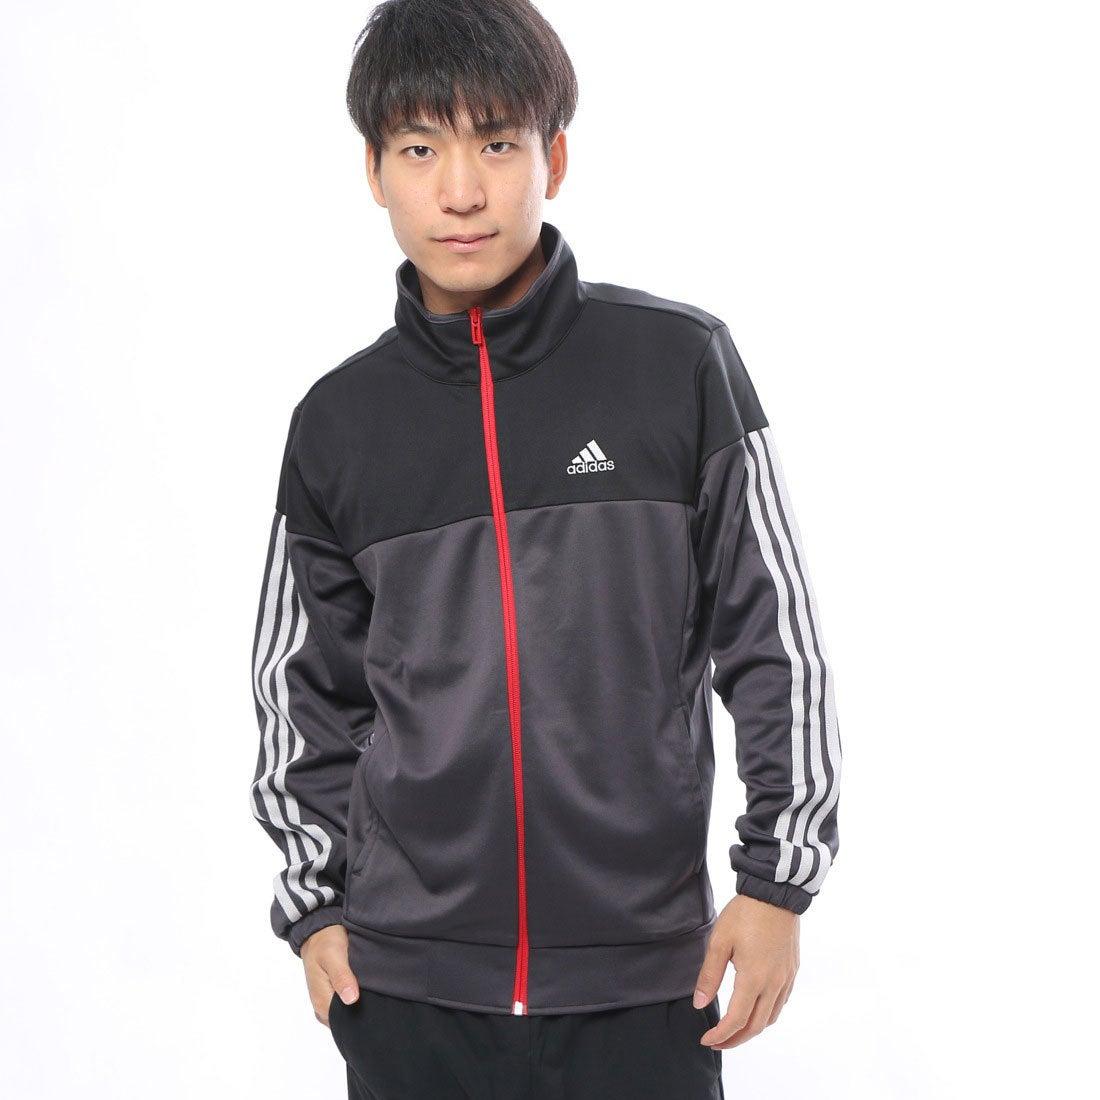 【SALE 50%OFF】アディダス adidas メンズ 長袖ジャージジャケット M ウォームアップ ジャケット AP CE0219 メンズ